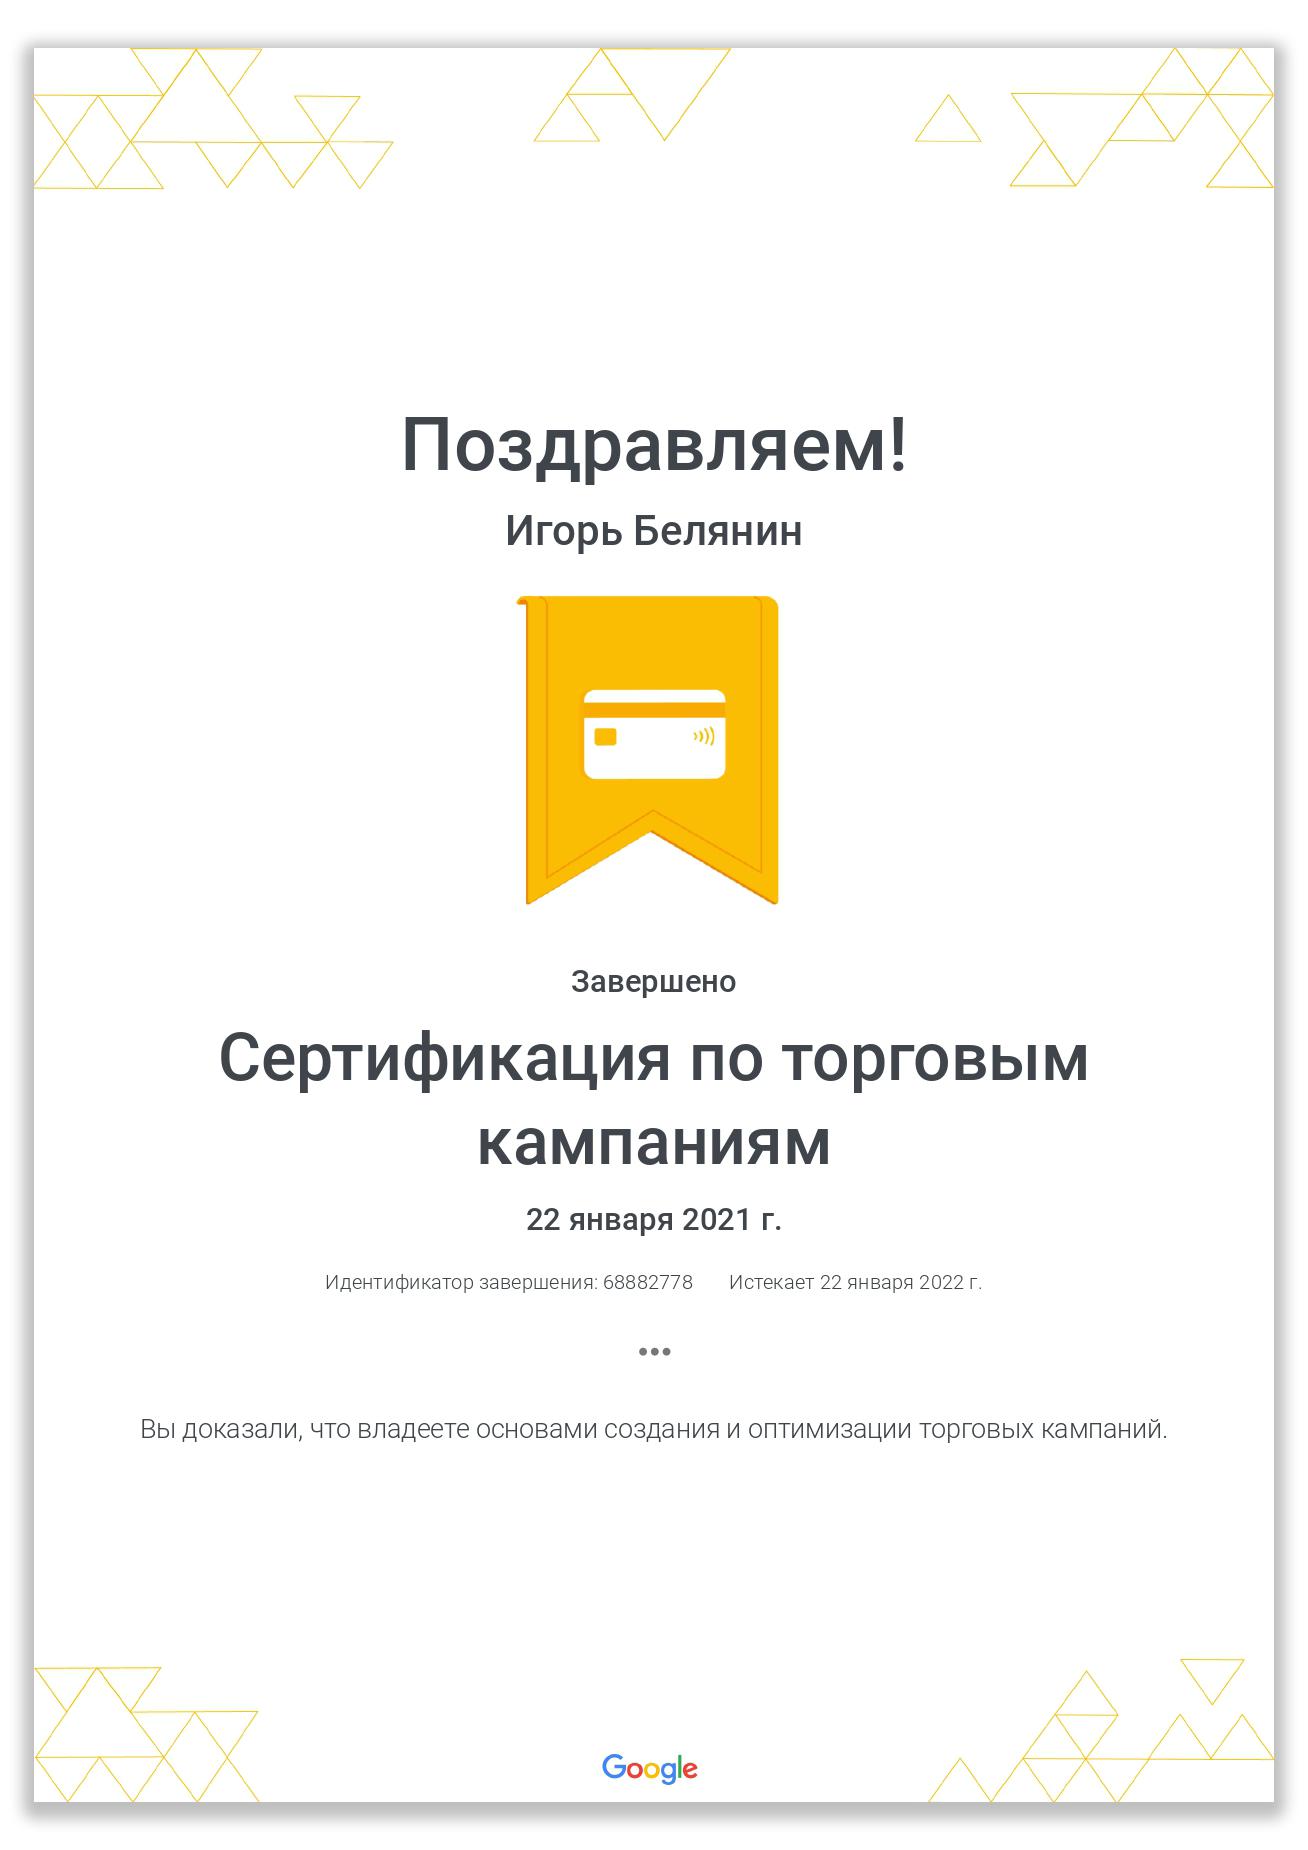 Сертификат 2021г. Google по торговым кампаниям